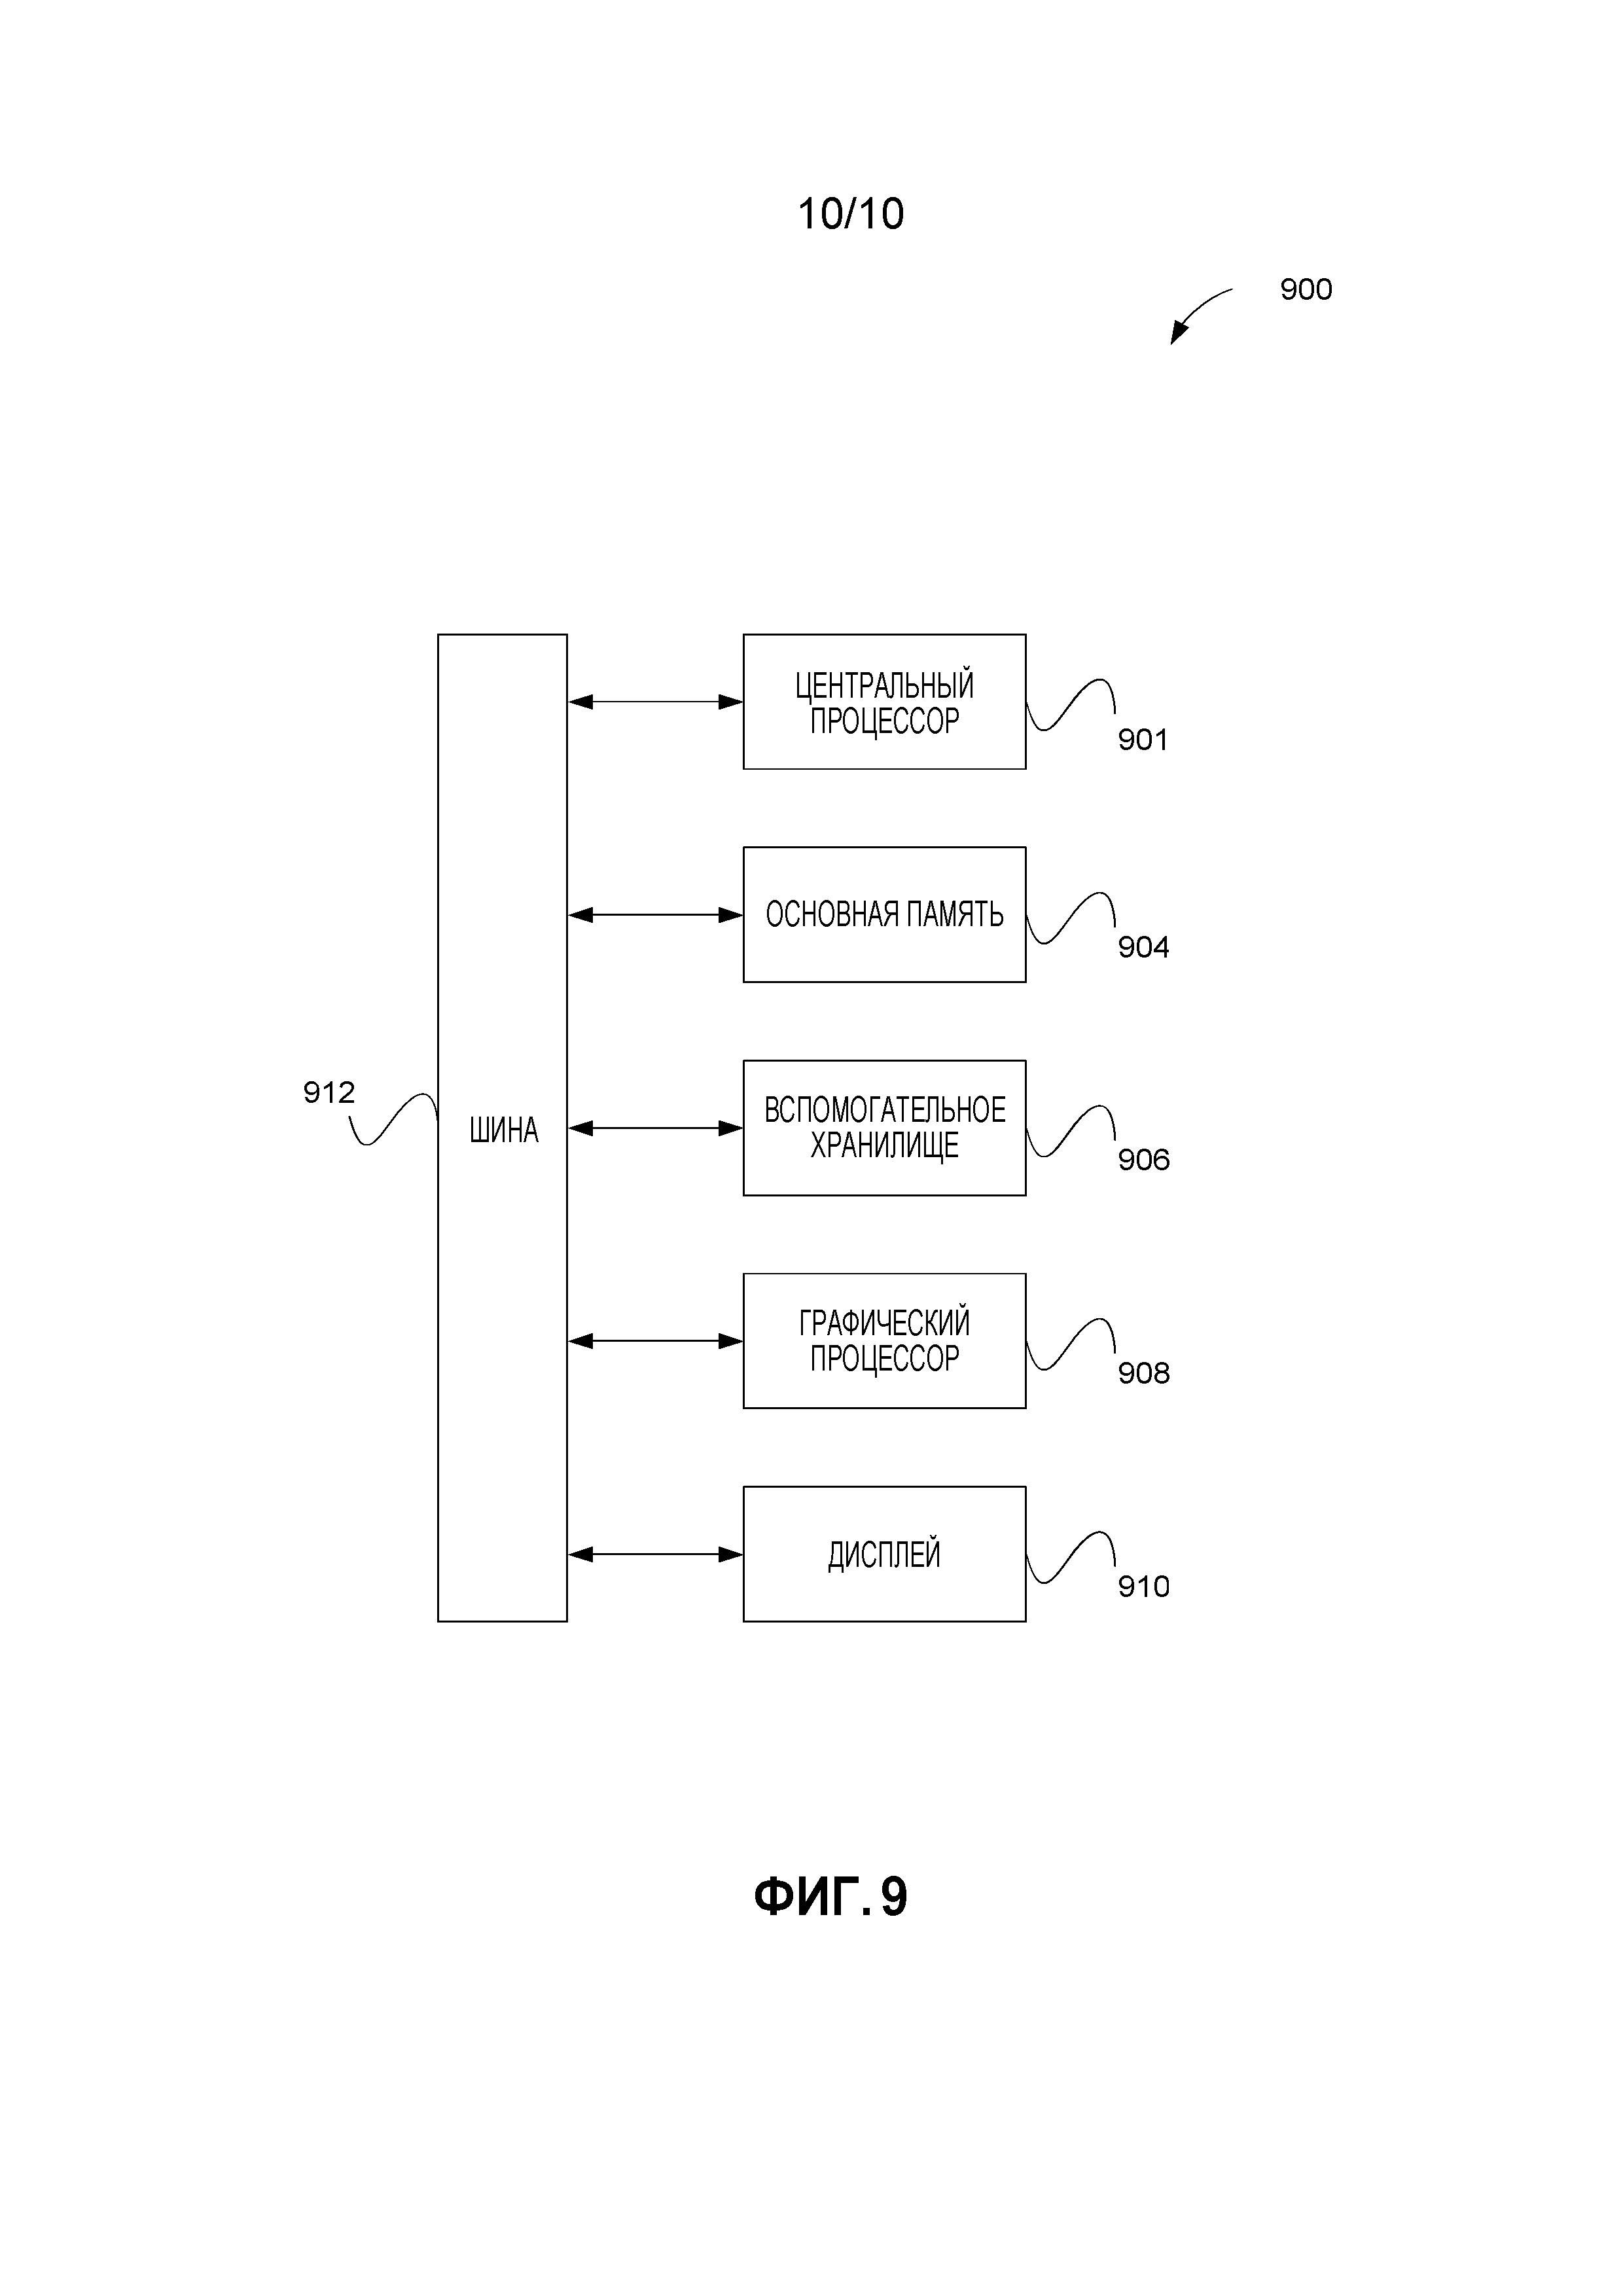 Устройство и способ установления тактовой частоты/напряжения кэш-памяти на основании информации запроса памяти